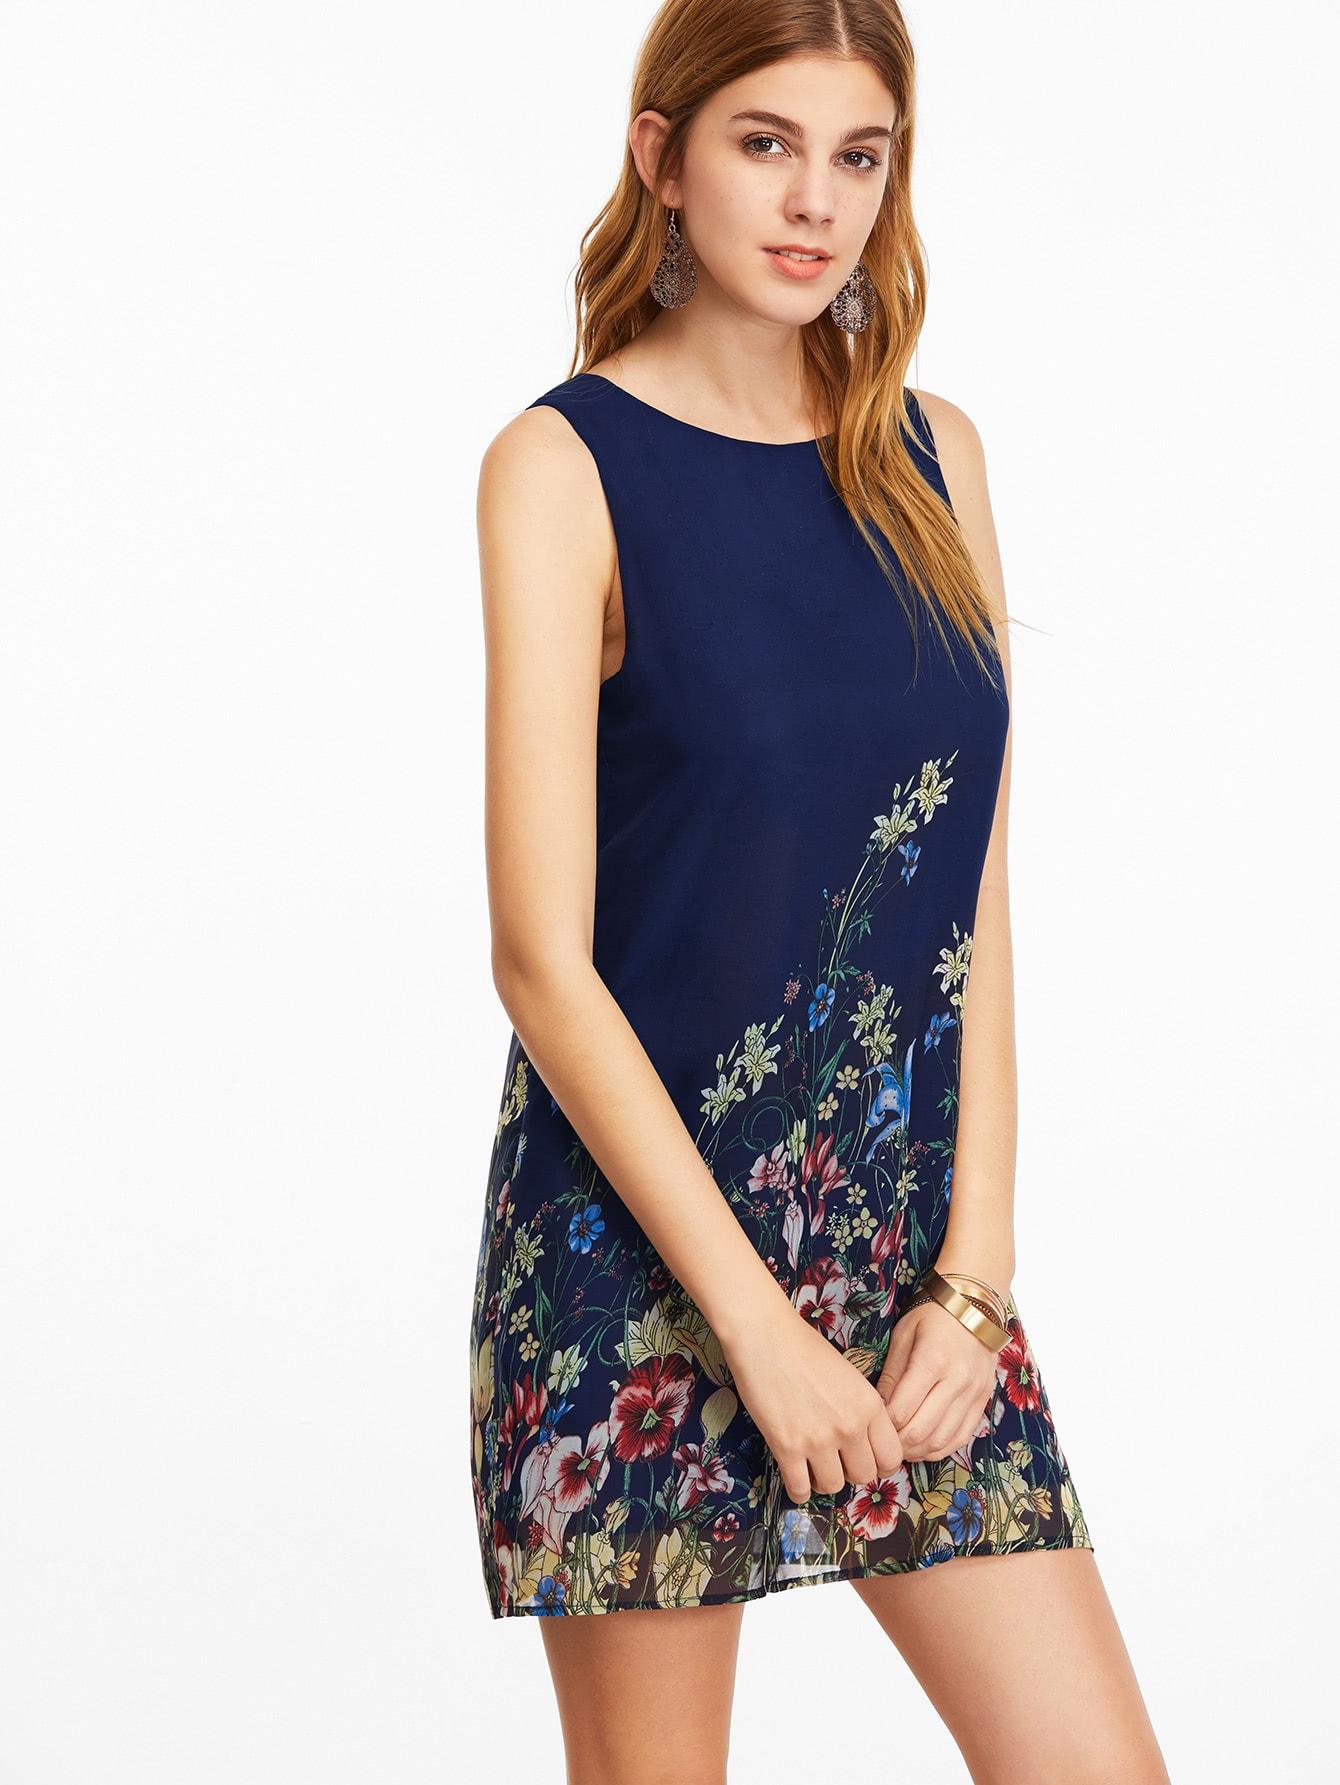 dress161207701_2